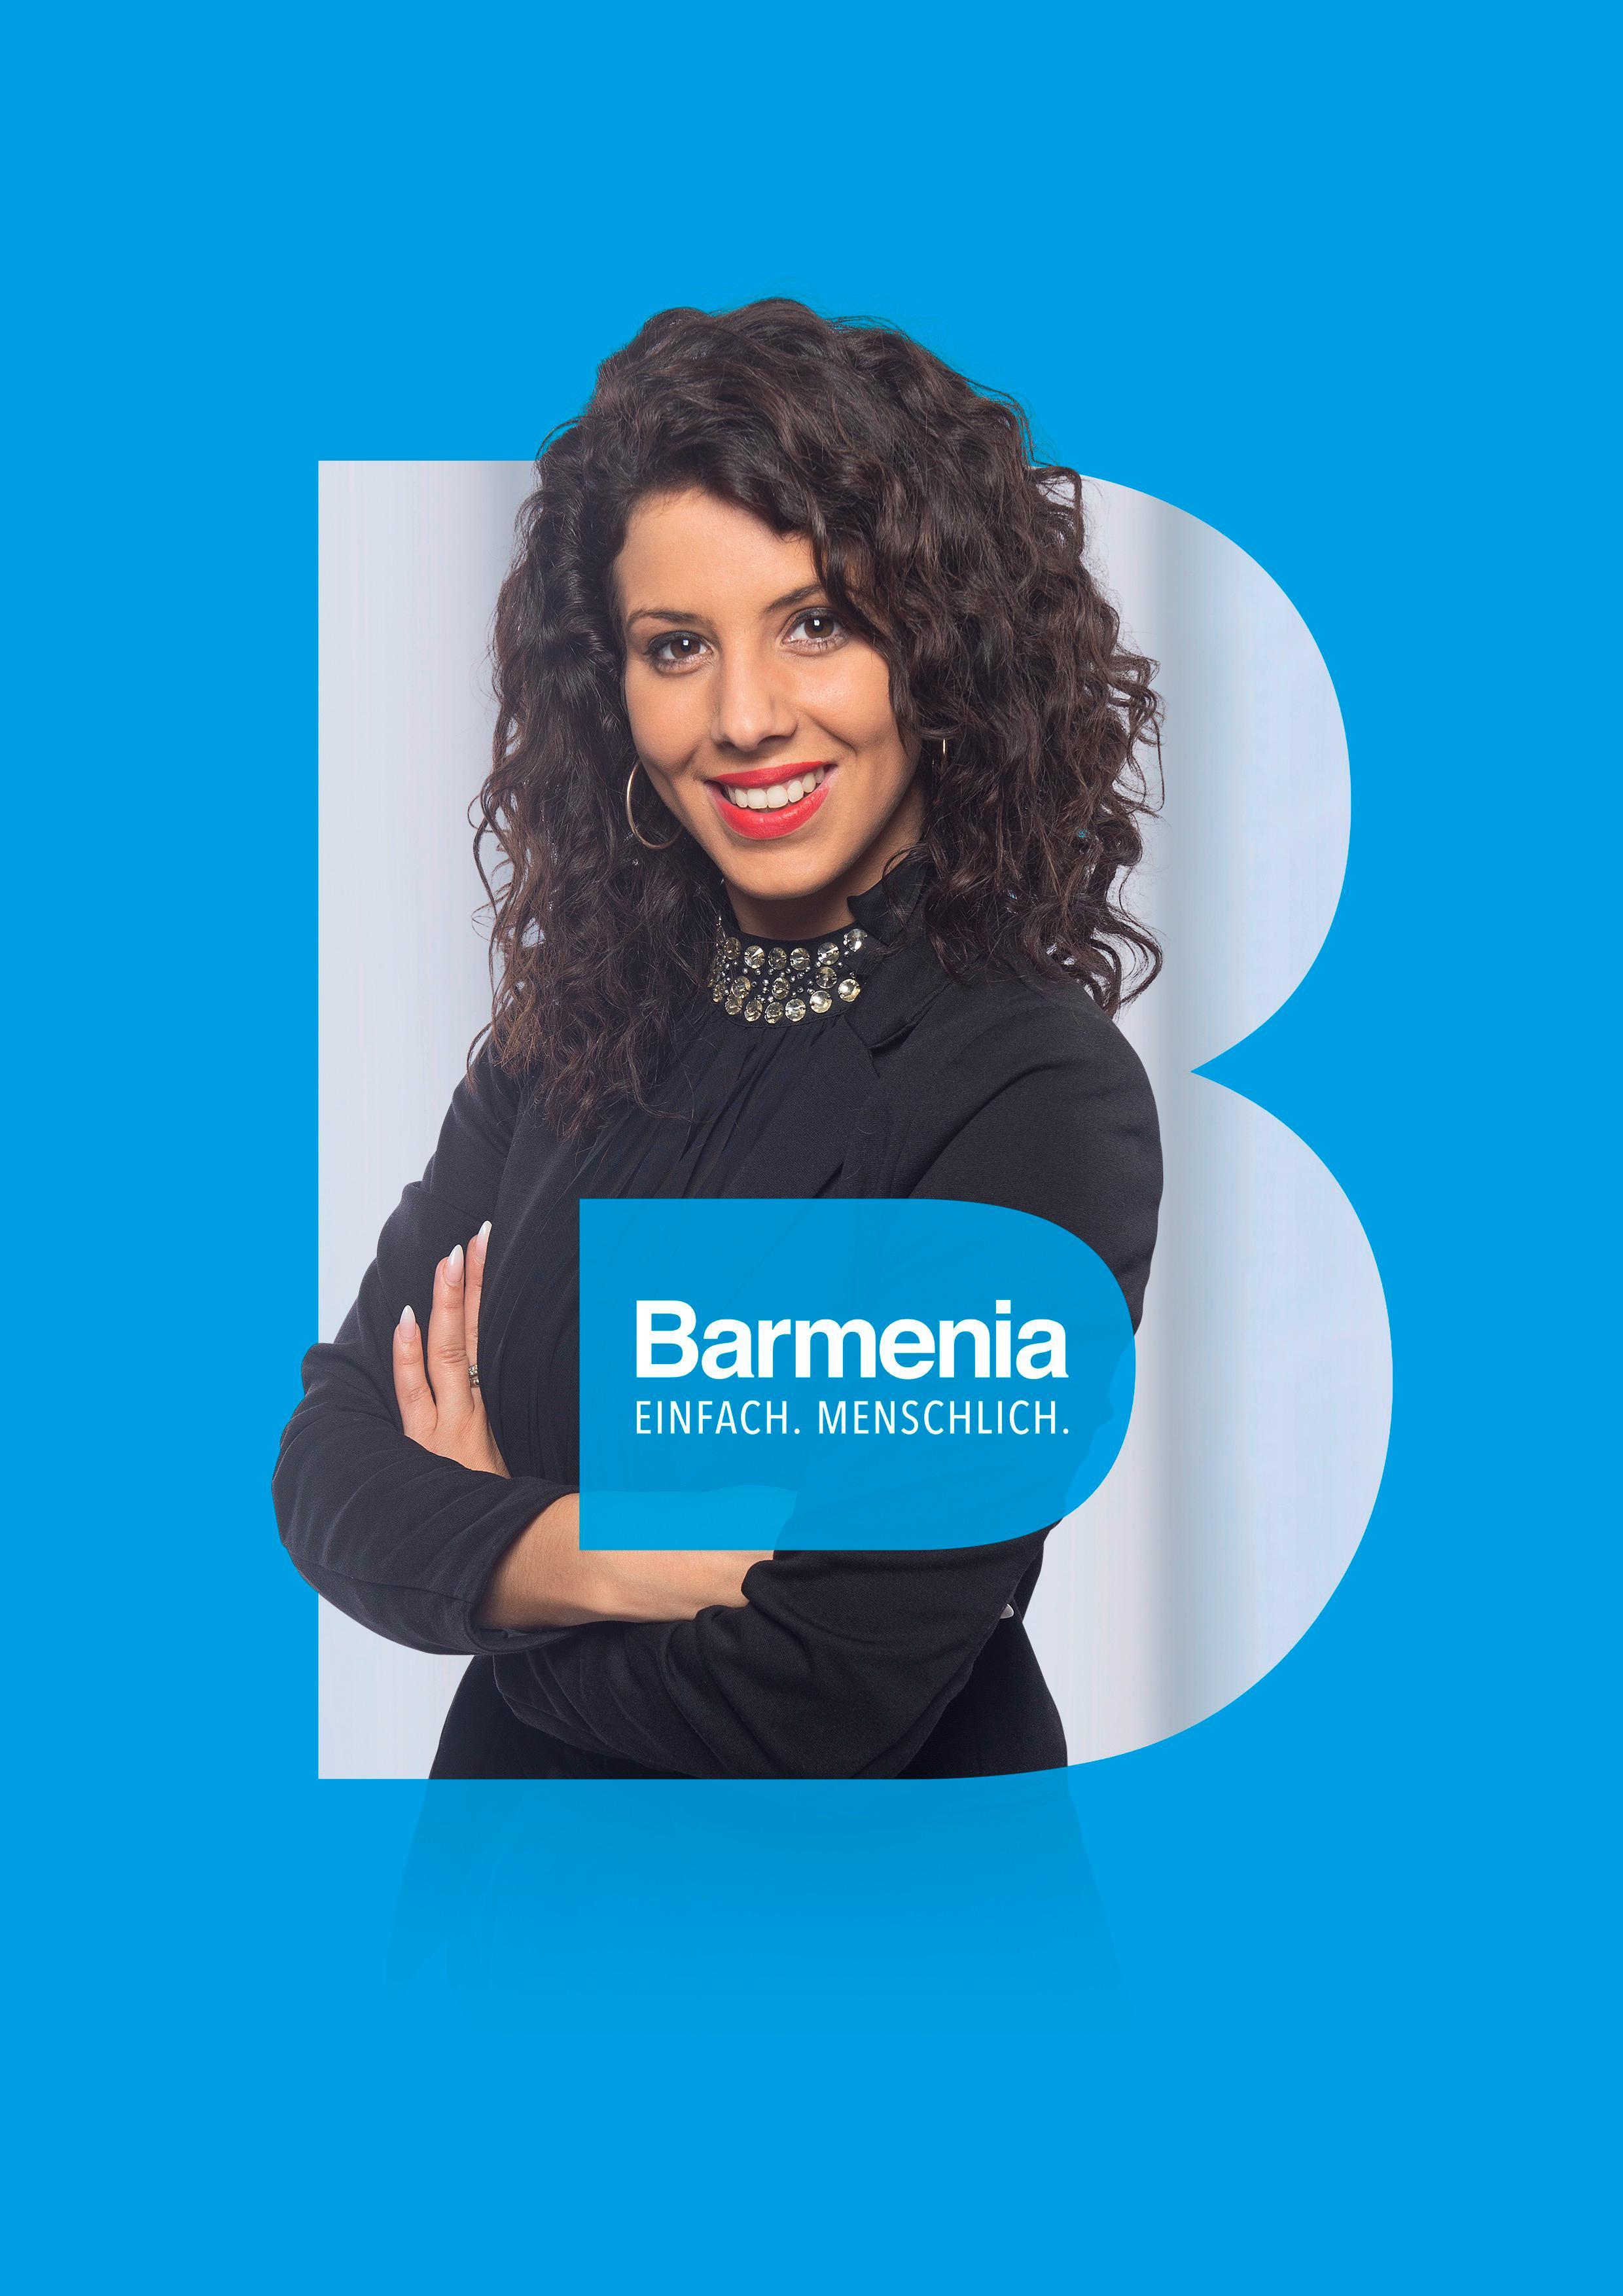 Veronica Picadaci. Ihre Ansprechpartnerin für die Barmenia Versicherung in Oberhausen.